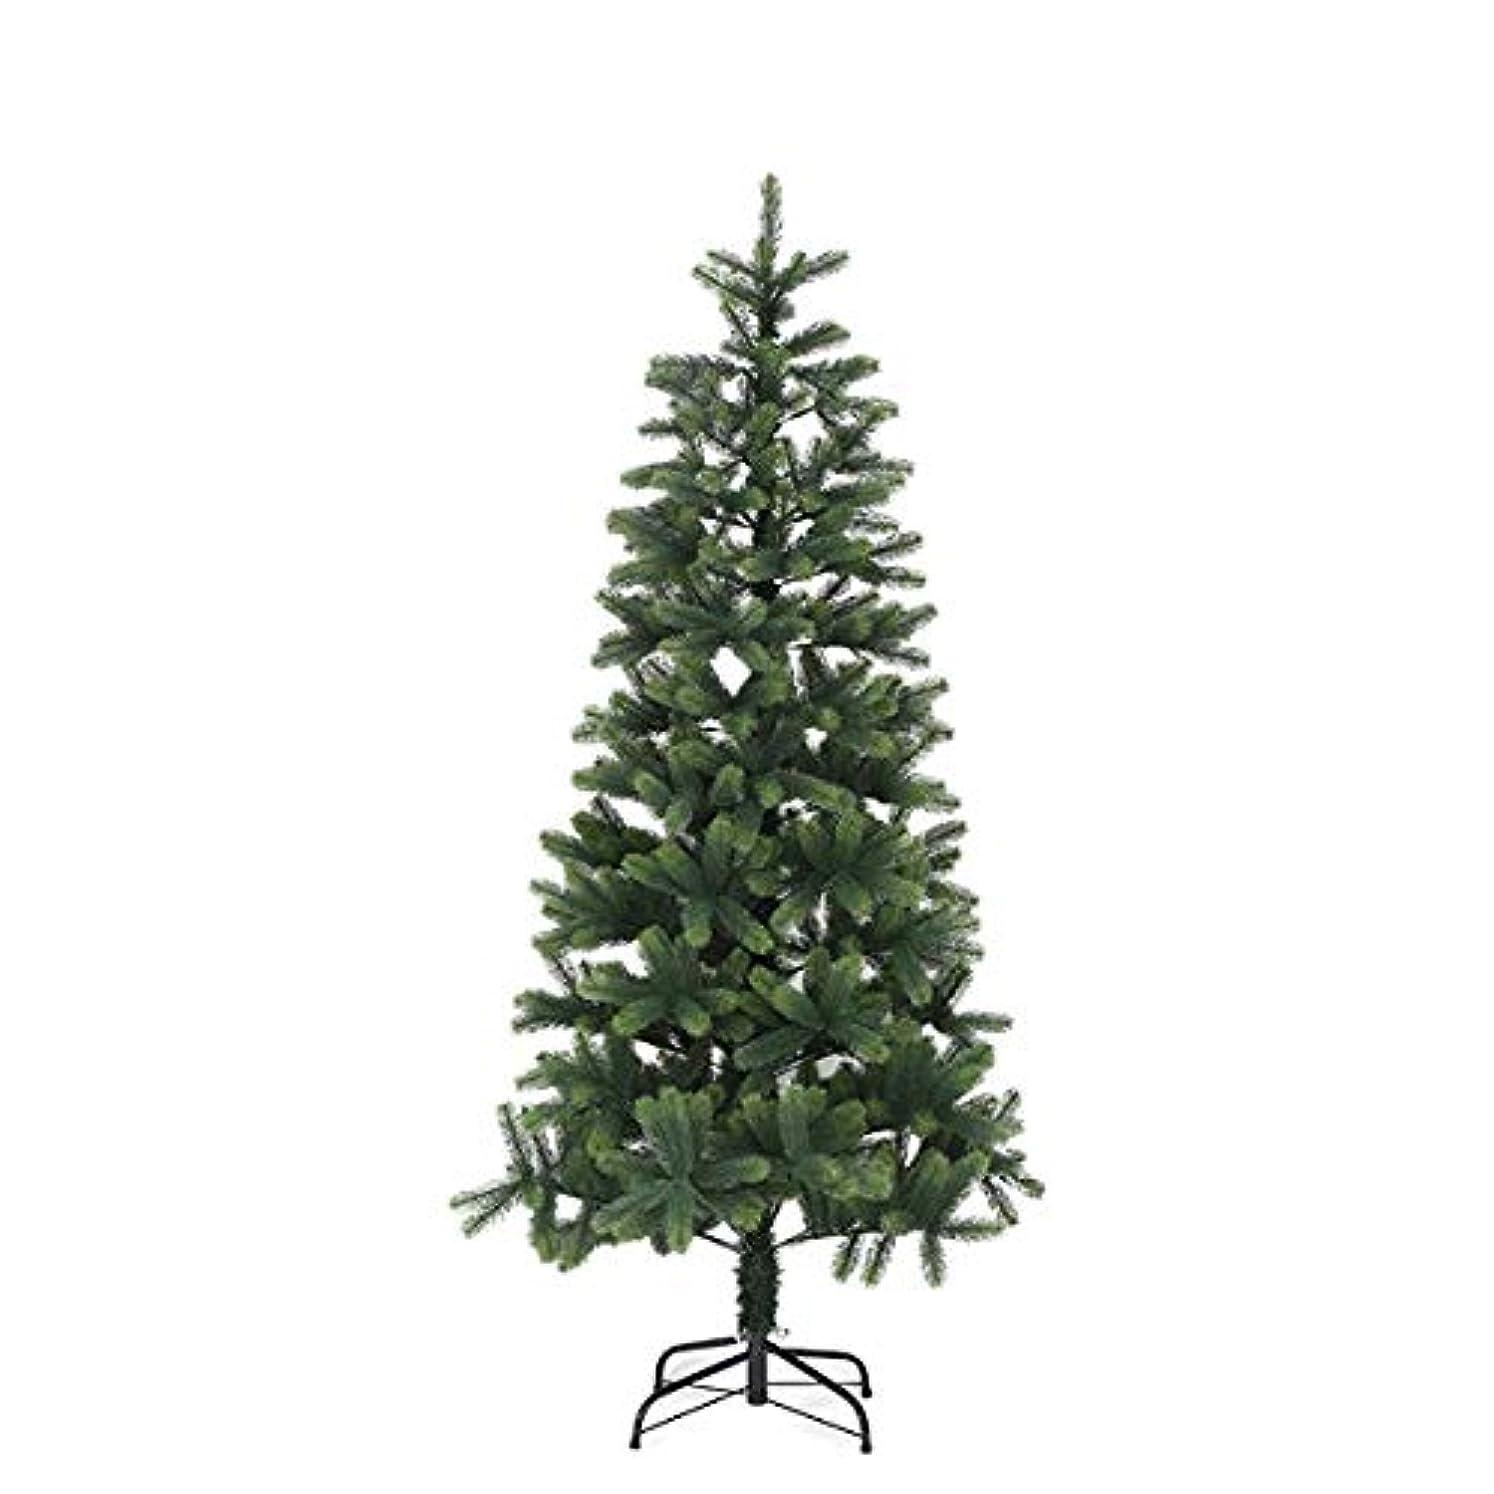 神経条件付き哲学者クリスマスツリー リアル枝 ドイツトウヒツリー ヌードツリー 150cm